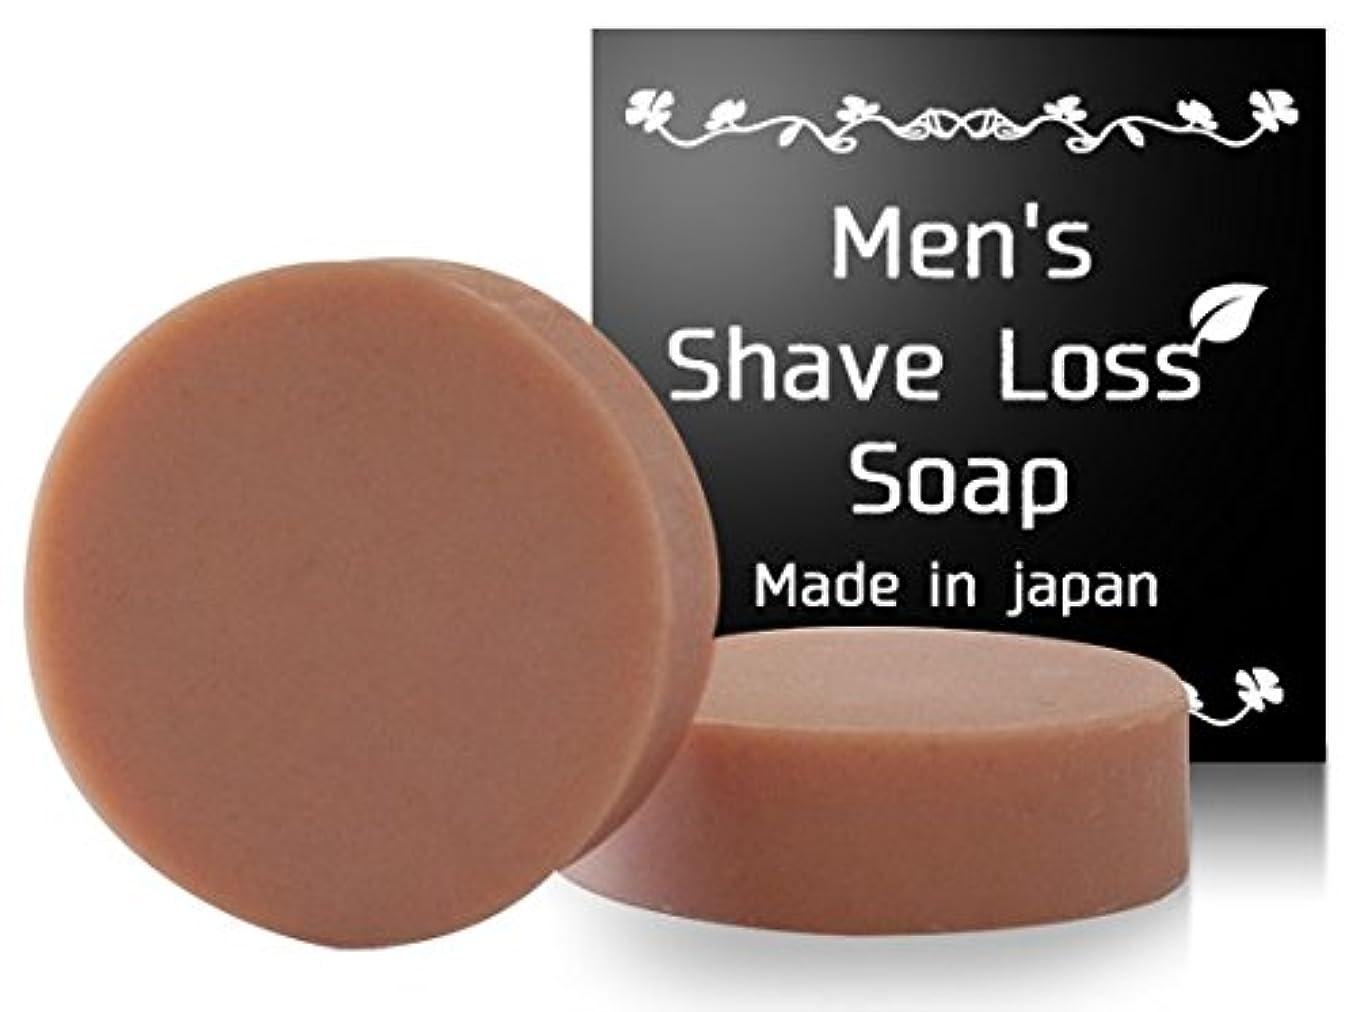 ビリーヤギ贈り物感じるMens Shave Loss Soap シェーブロス 剛毛は嫌!ツルツル過ぎも嫌! そんな夢を叶えた奇跡の石鹸! 【男性専用】(1個)